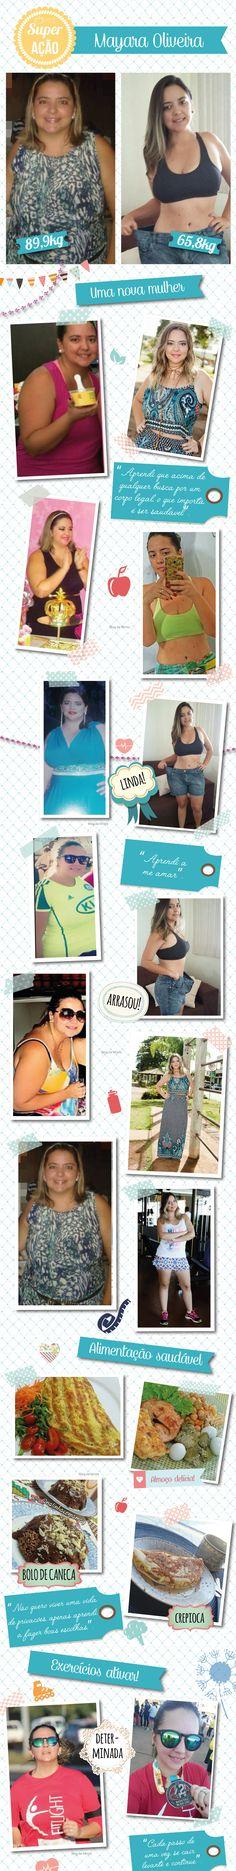 Superação May Oliveira: ela venceu a depressão e perdeu 24Kg - Blog da Mimis #emagrecer #dieta #perderpeso